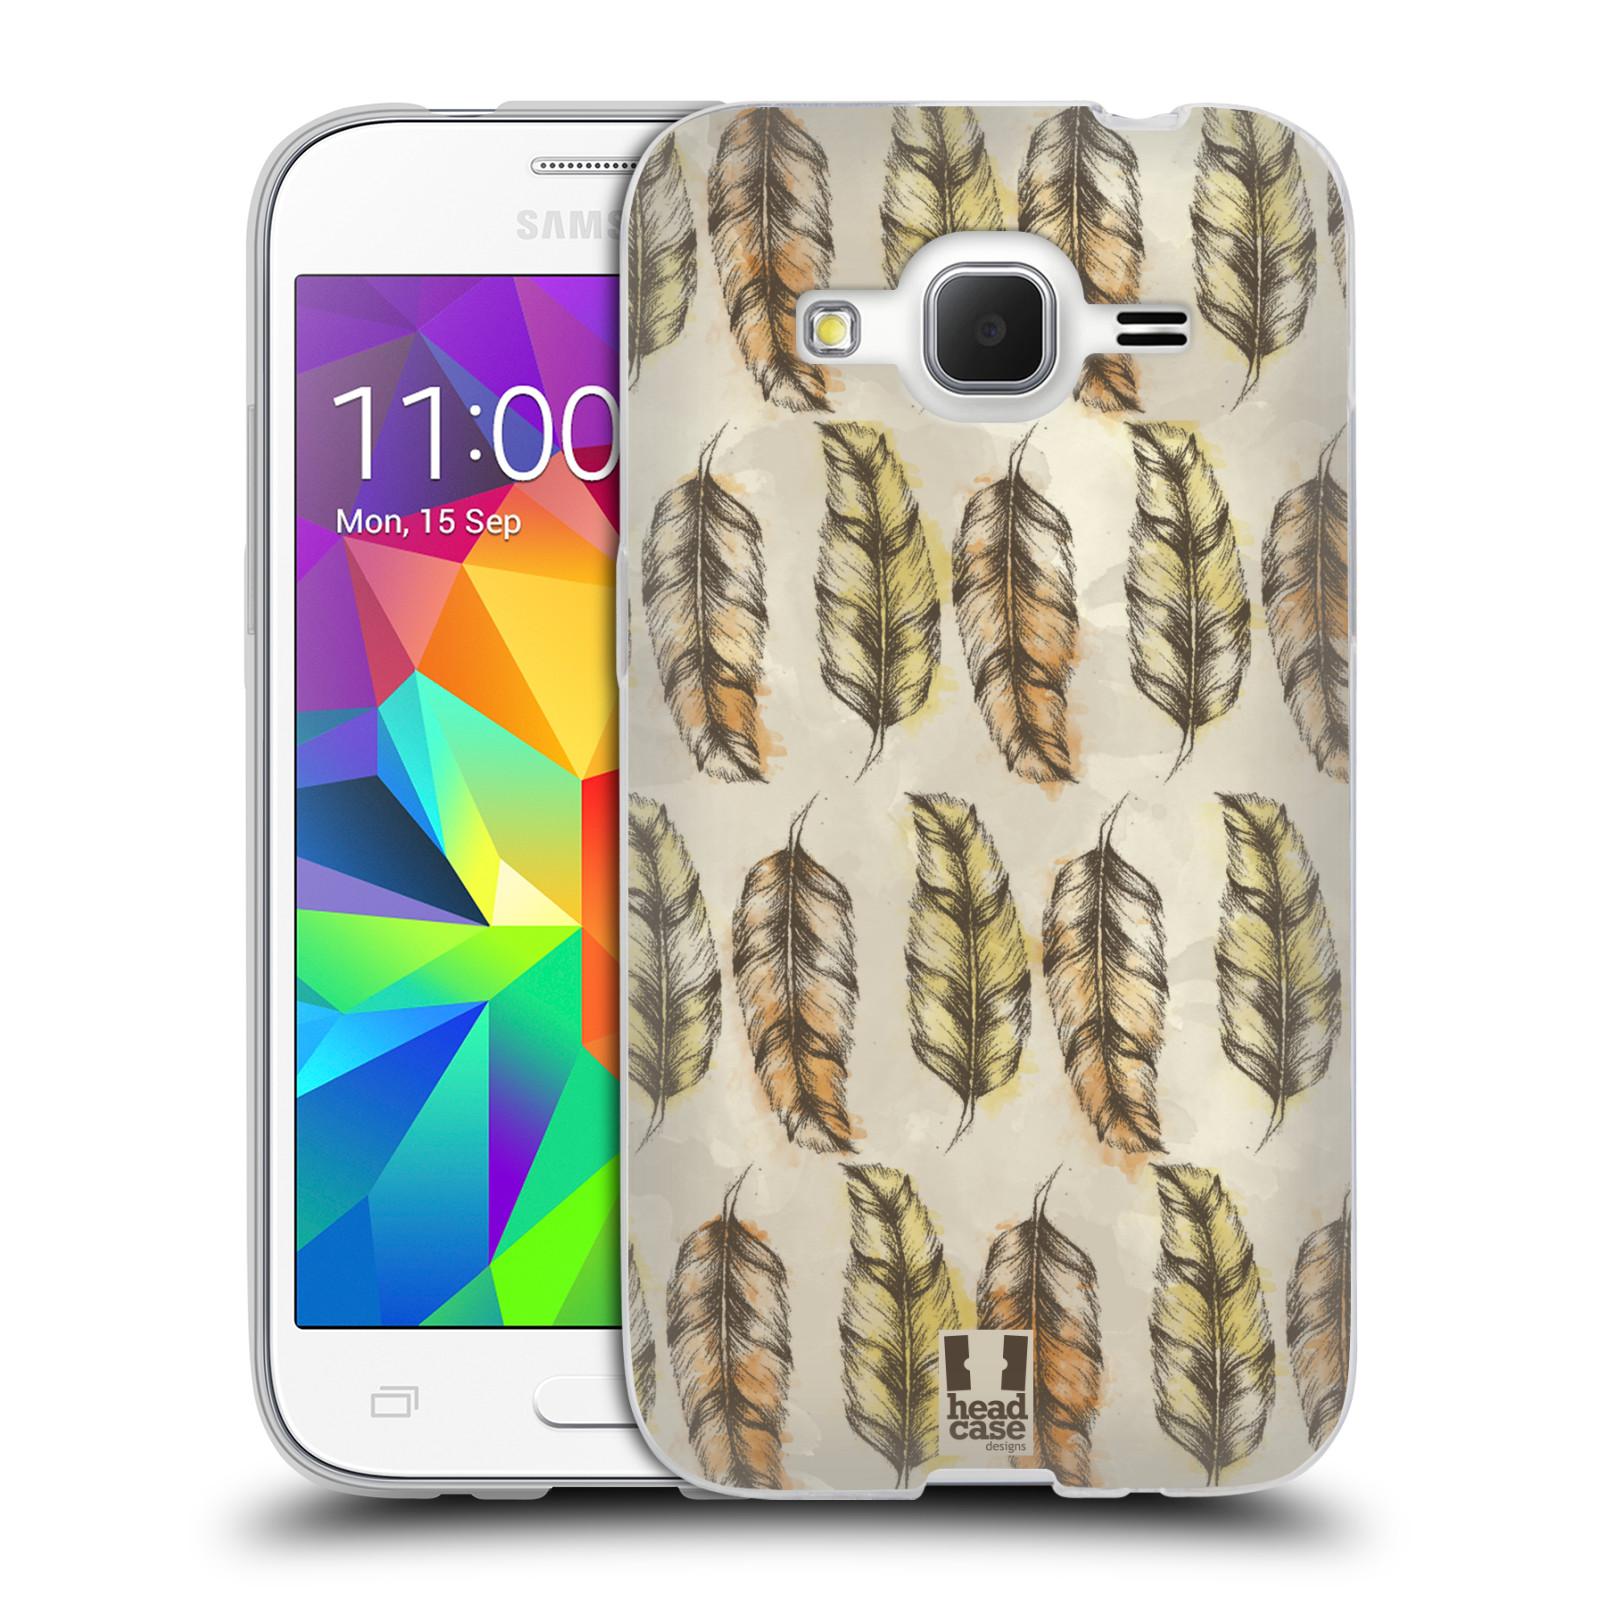 Silikonové pouzdro na mobil Samsung Galaxy Core Prime VE - Head Case - Bohémská pírka (Silikonový kryt či obal na mobilní telefon s motivem Bohemian Soul pro Samsung Galaxy Core Prime LTE VE SM-G361F)